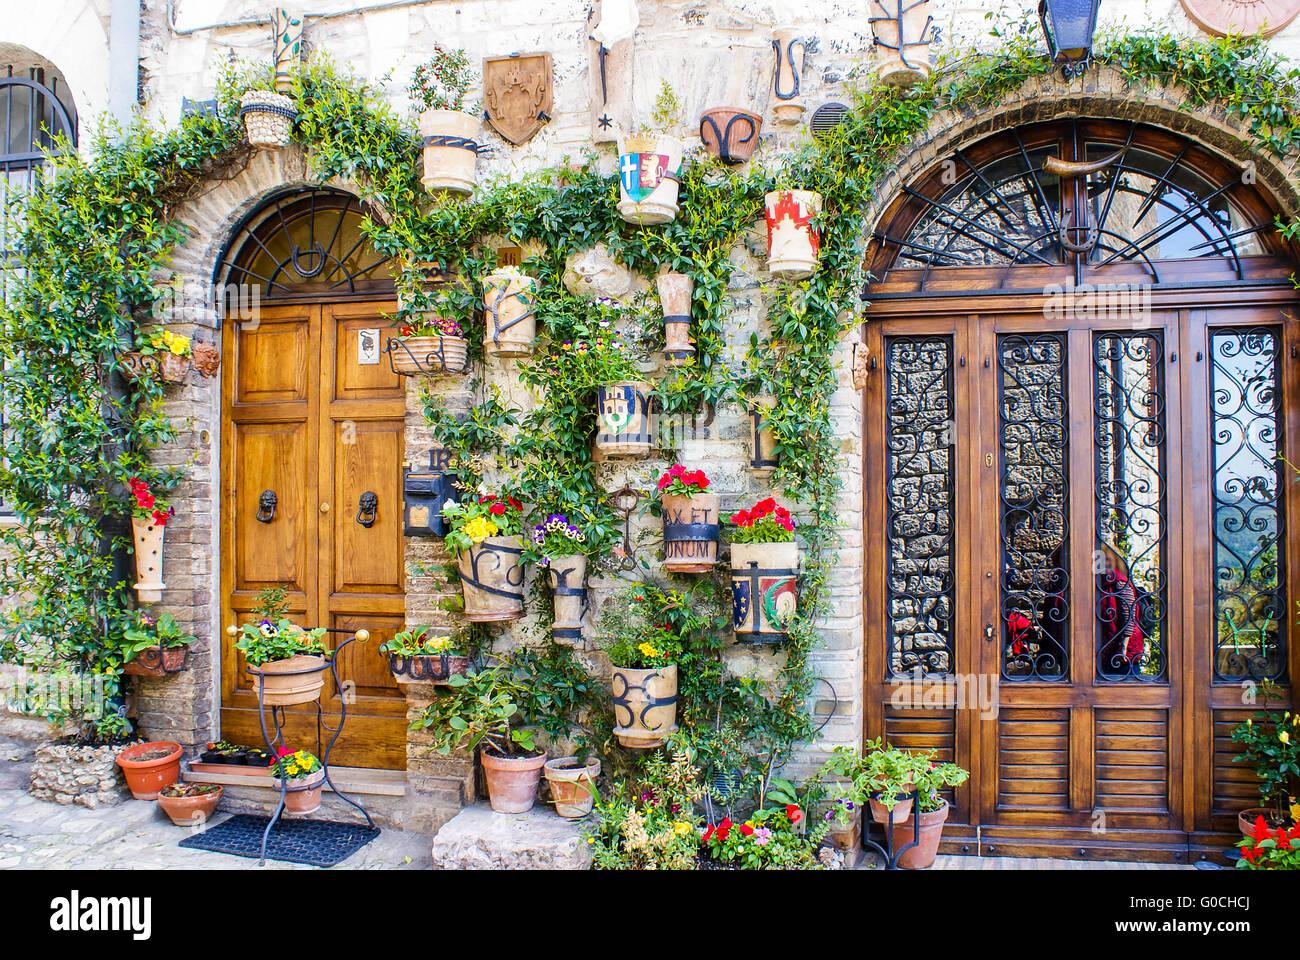 Blumenschmuck in Assisi, Italien Stockfoto